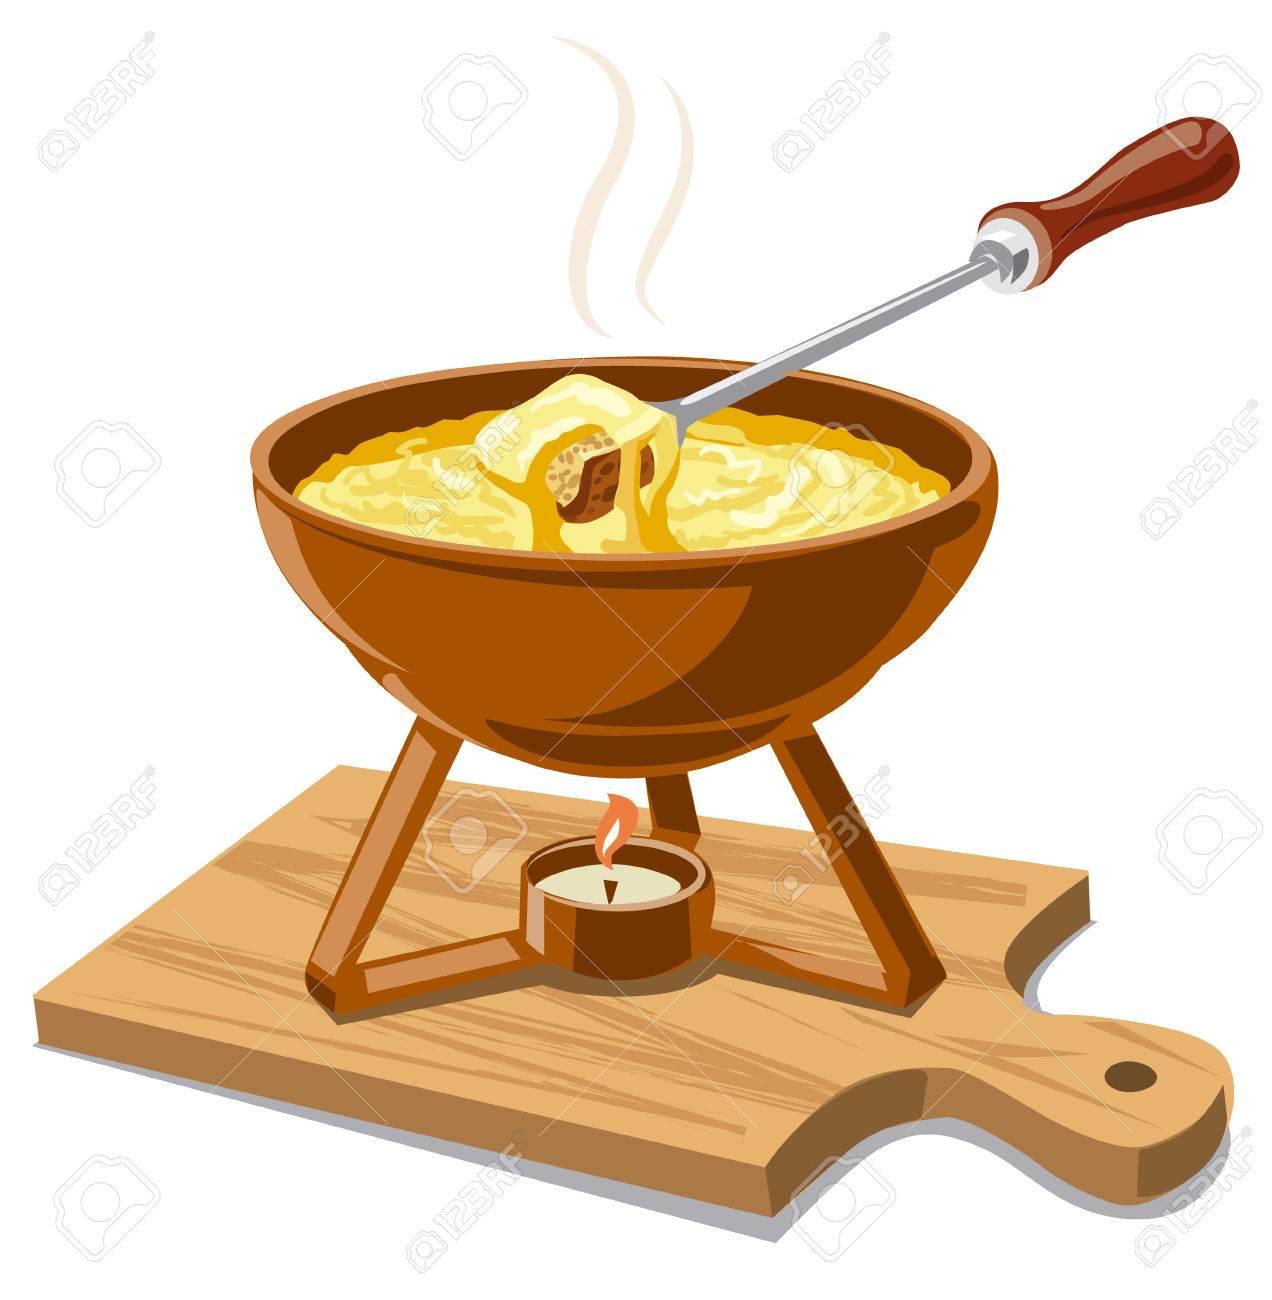 温かいチーズ フォンデュのイラストのイラスト素材ベクタ Image